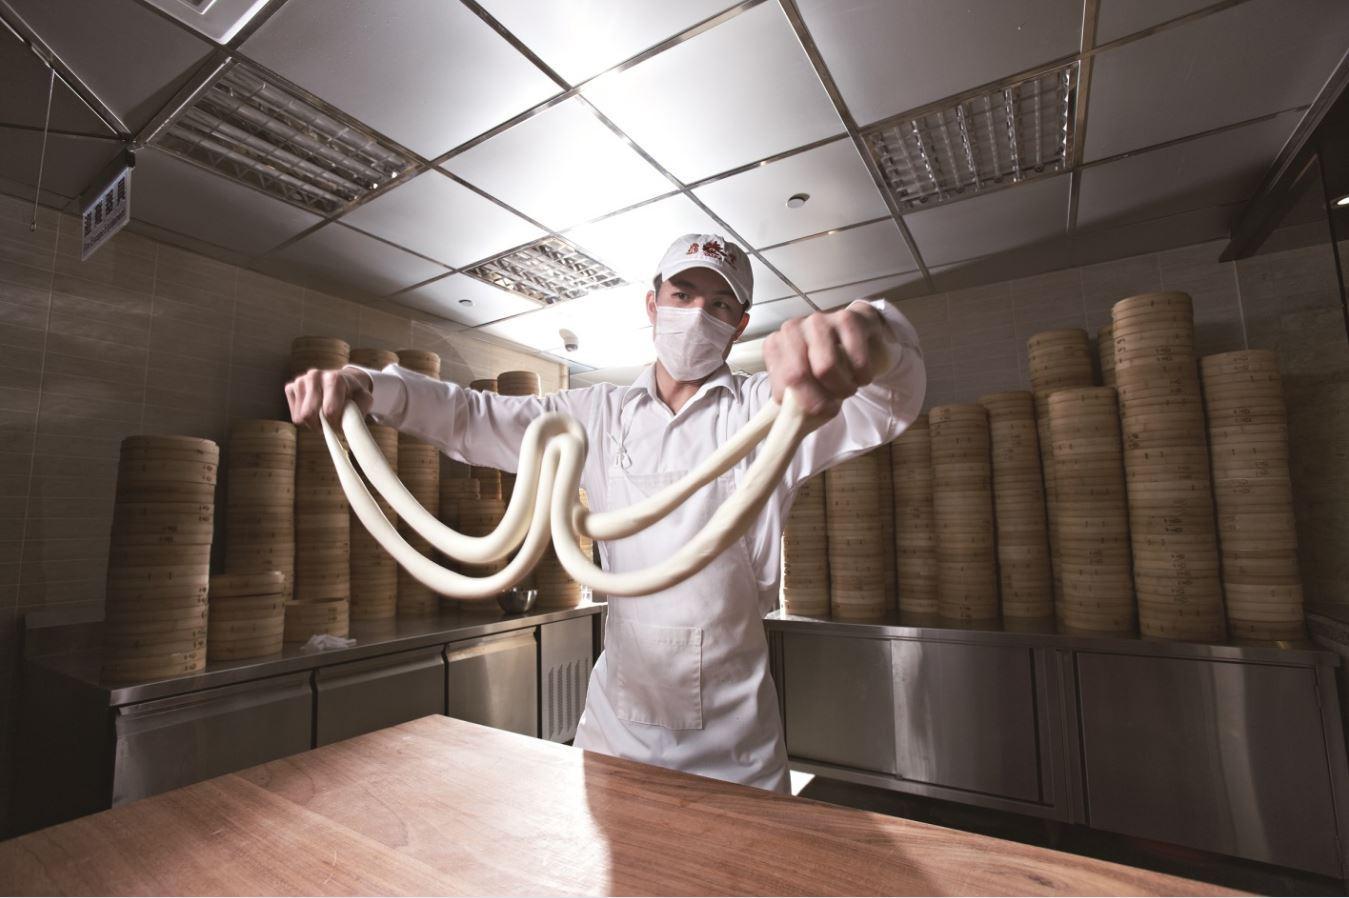 小籠湯包是一道功夫料理,鼎泰豐為其製作制訂出規格,也成了享譽國際的品牌。(圖片:鼎泰豐提供)